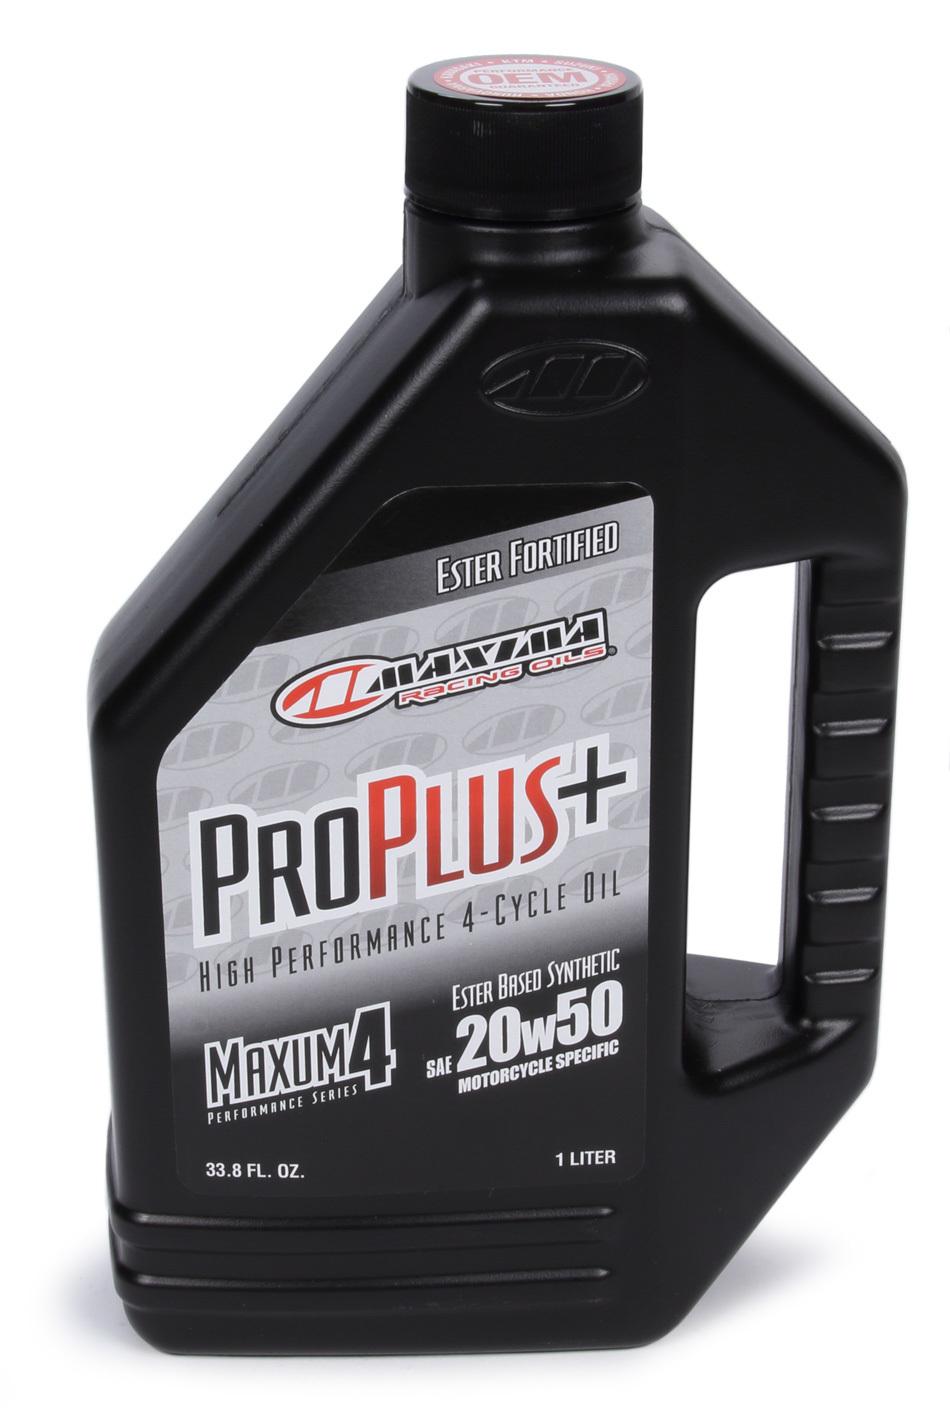 Pro Plus+ 20w50 Syntheti c 1 Liter